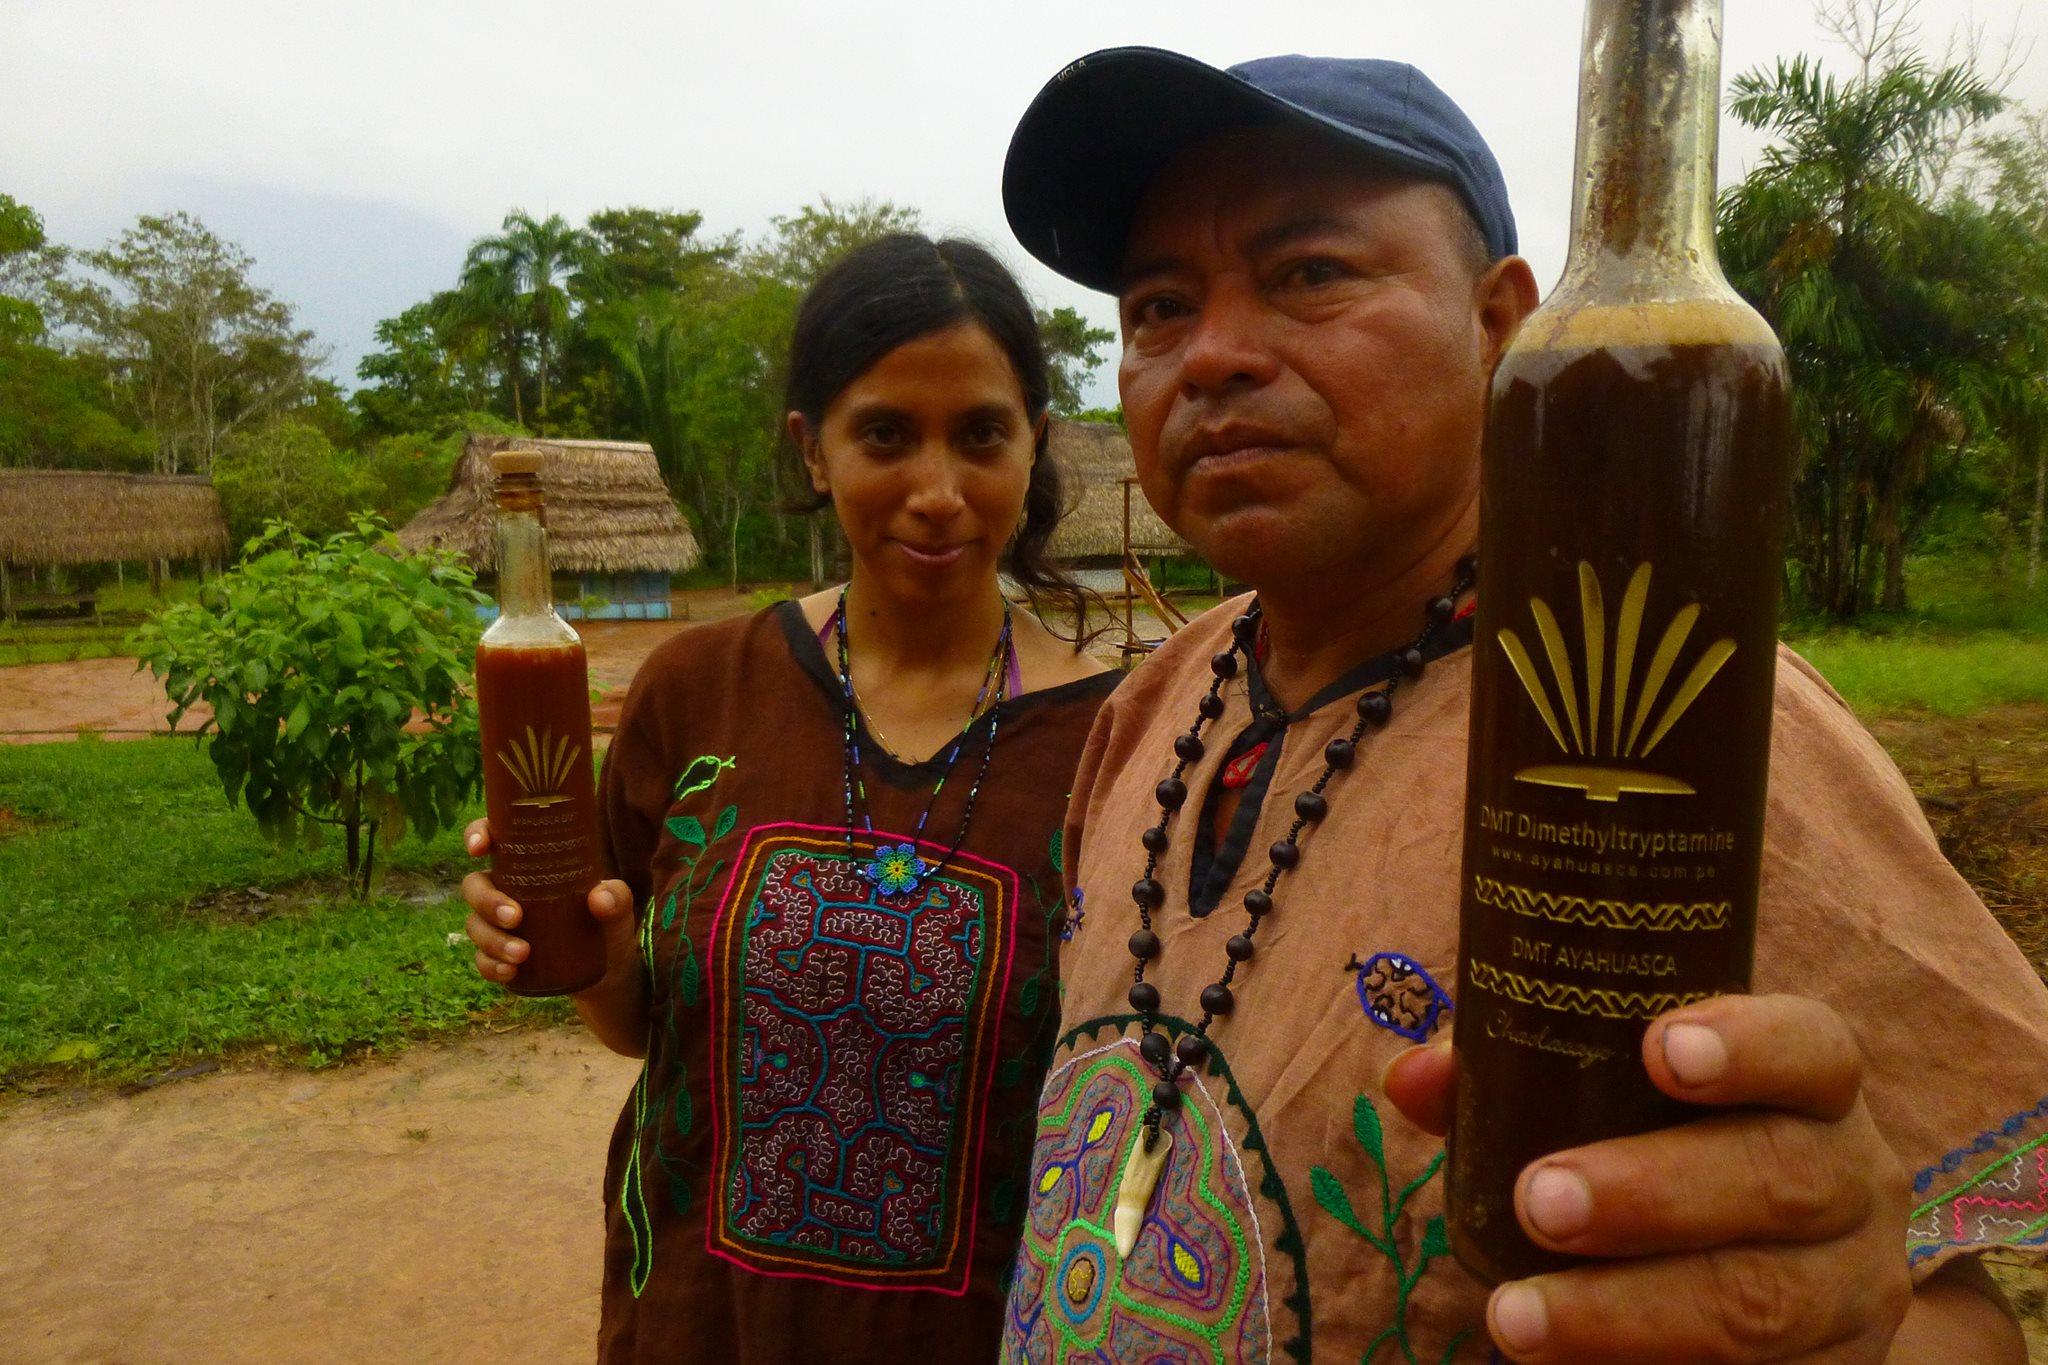 Ayawaska - амазонское спиртное, которое способно